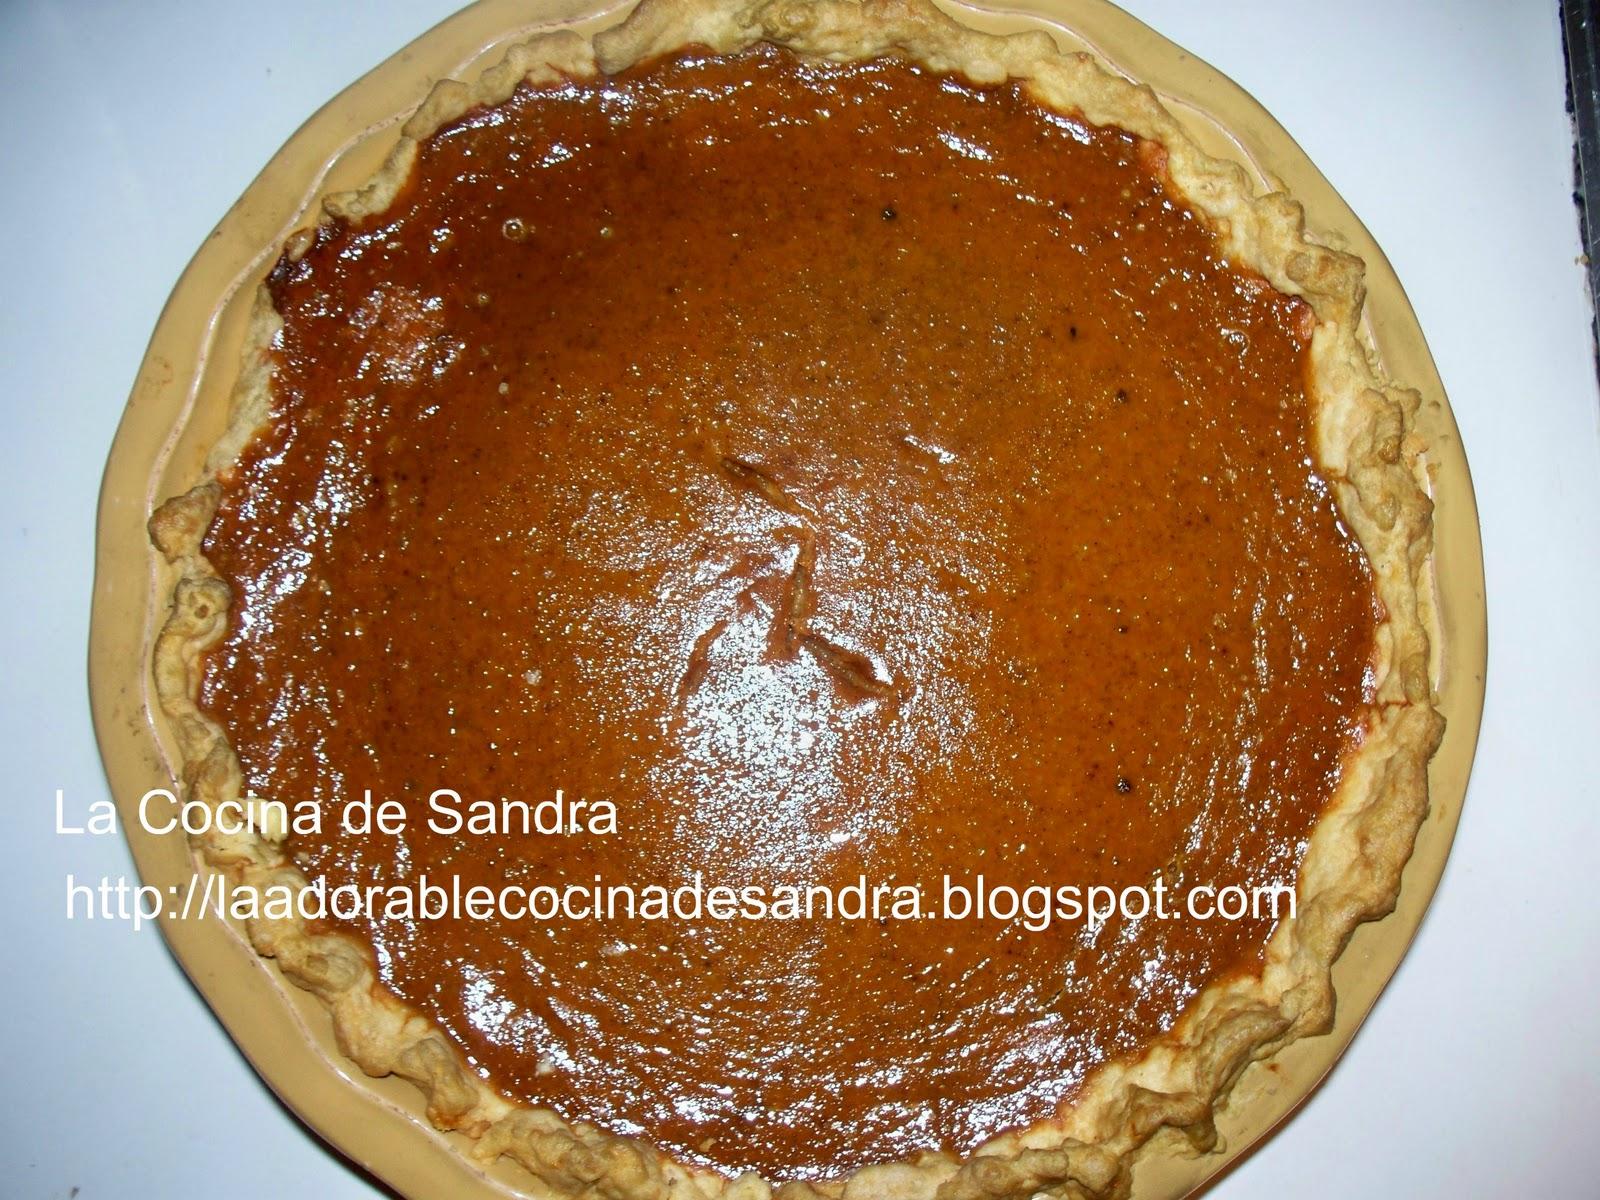 La Cocina de Sandra: Pie de Calabaza ( Pumpkin Pie)